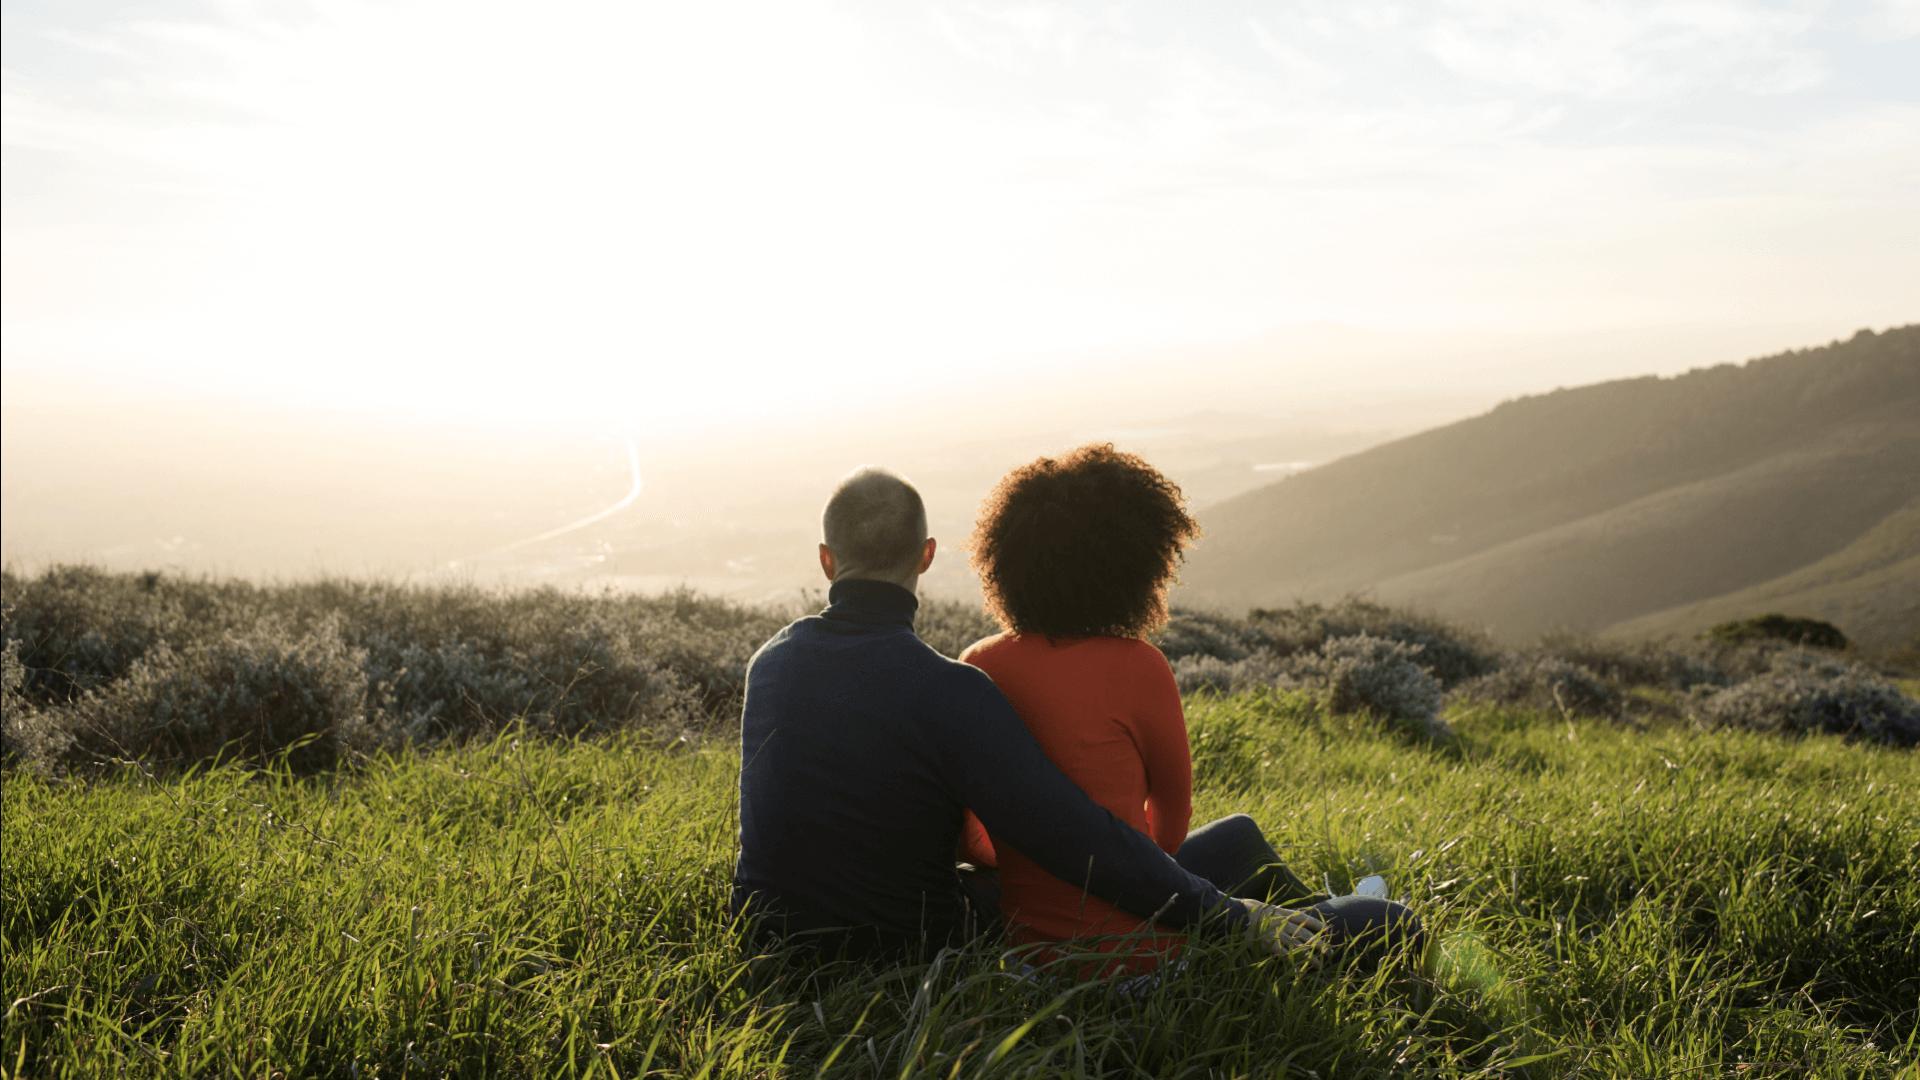 Hur ska jag pensionsspara beroende på min ålder?